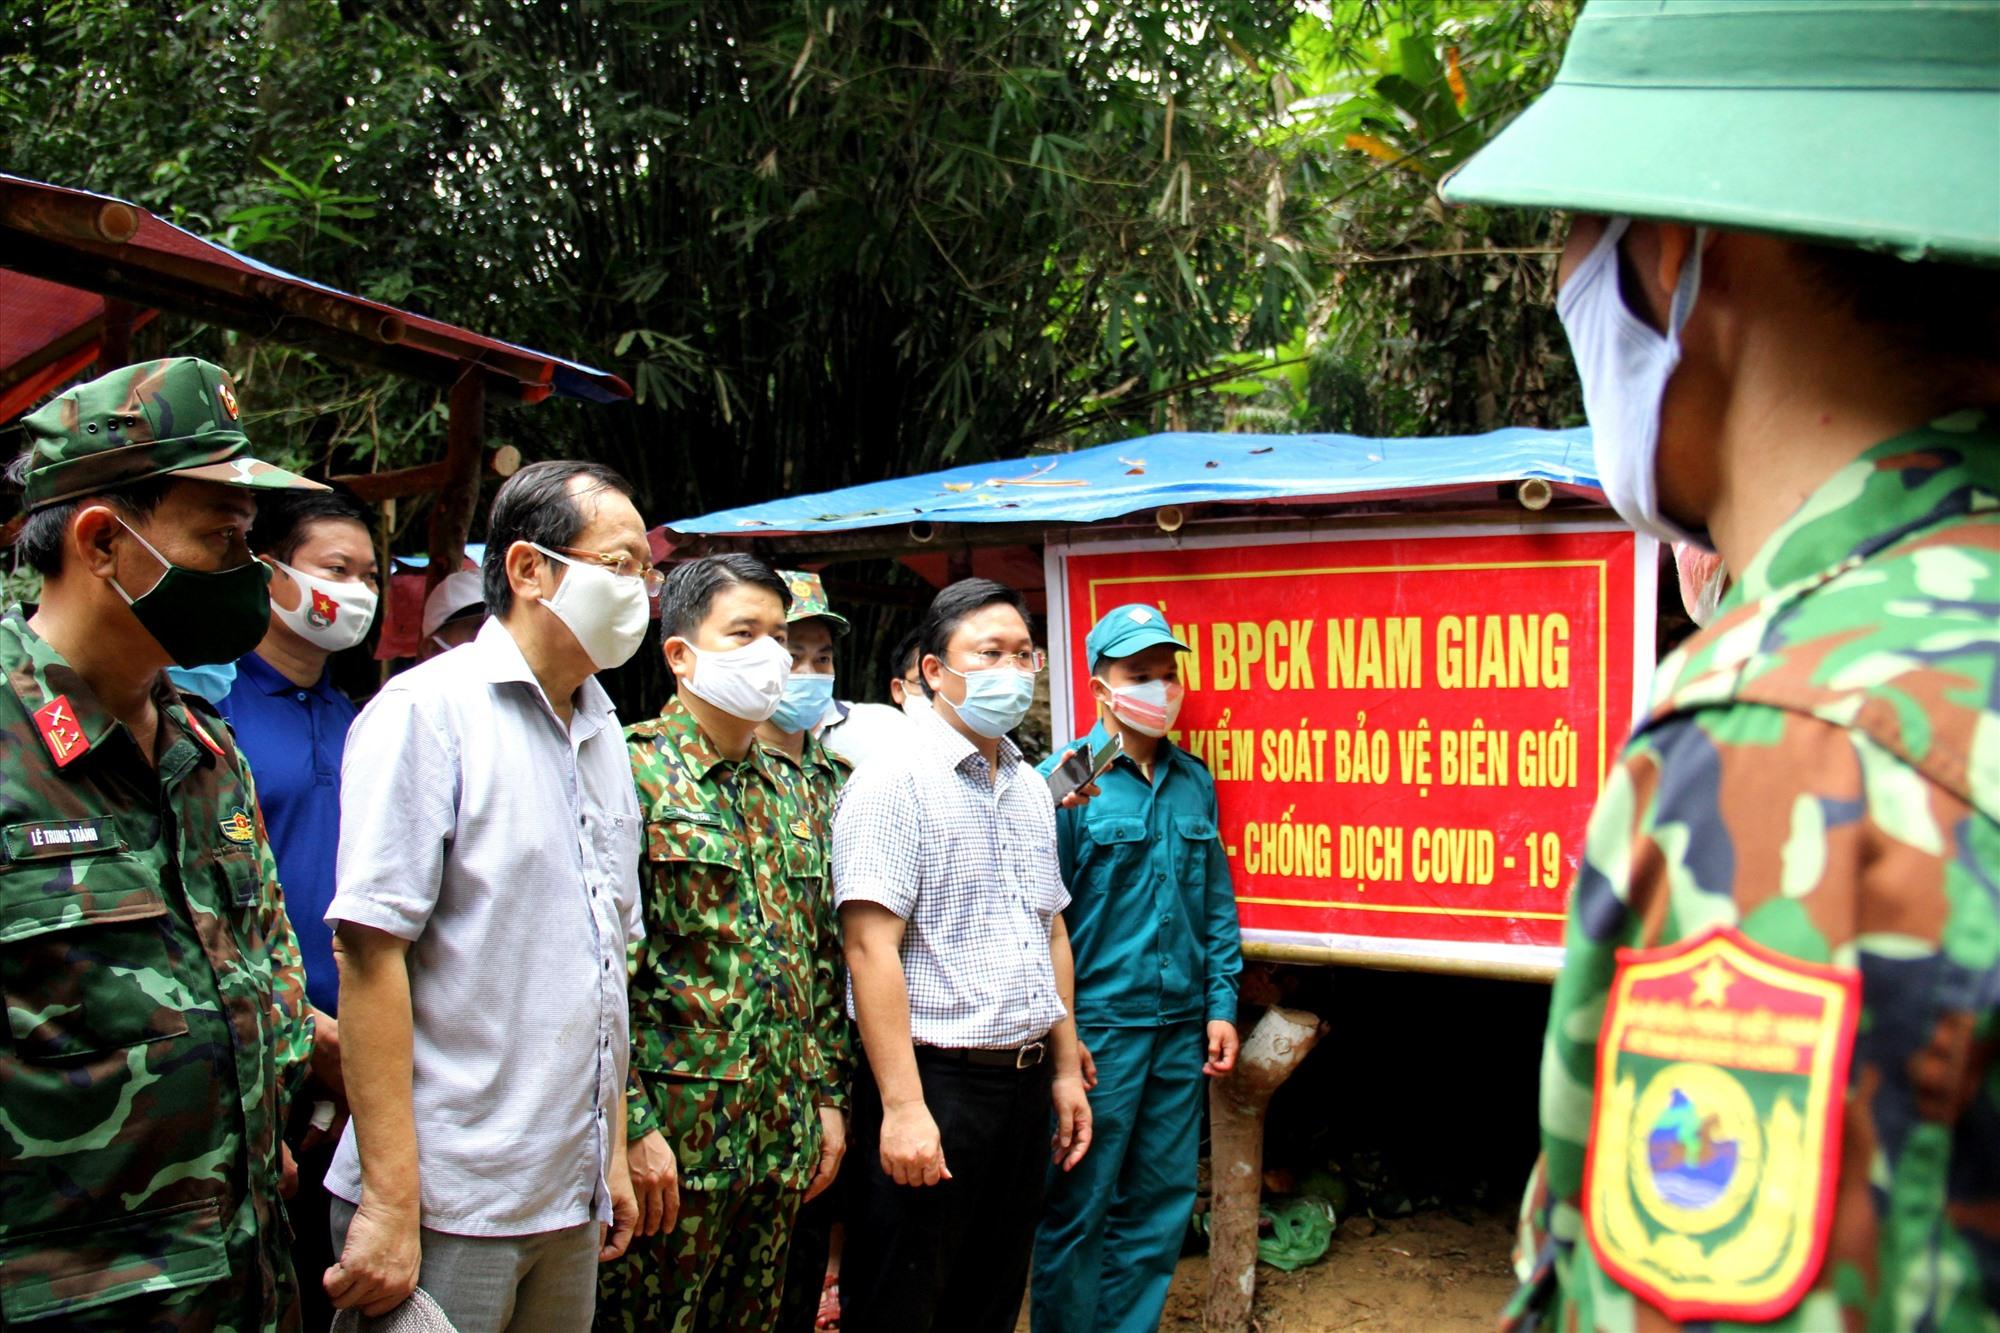 Chủ tịch UBND tỉnh Lê Trí Thanh và đoàn công tác của tỉnh thăm, động viên các chiến sĩ biên phòng làm nhiệm vụ kiểm soát biên giới phòng dịch Covid-19.